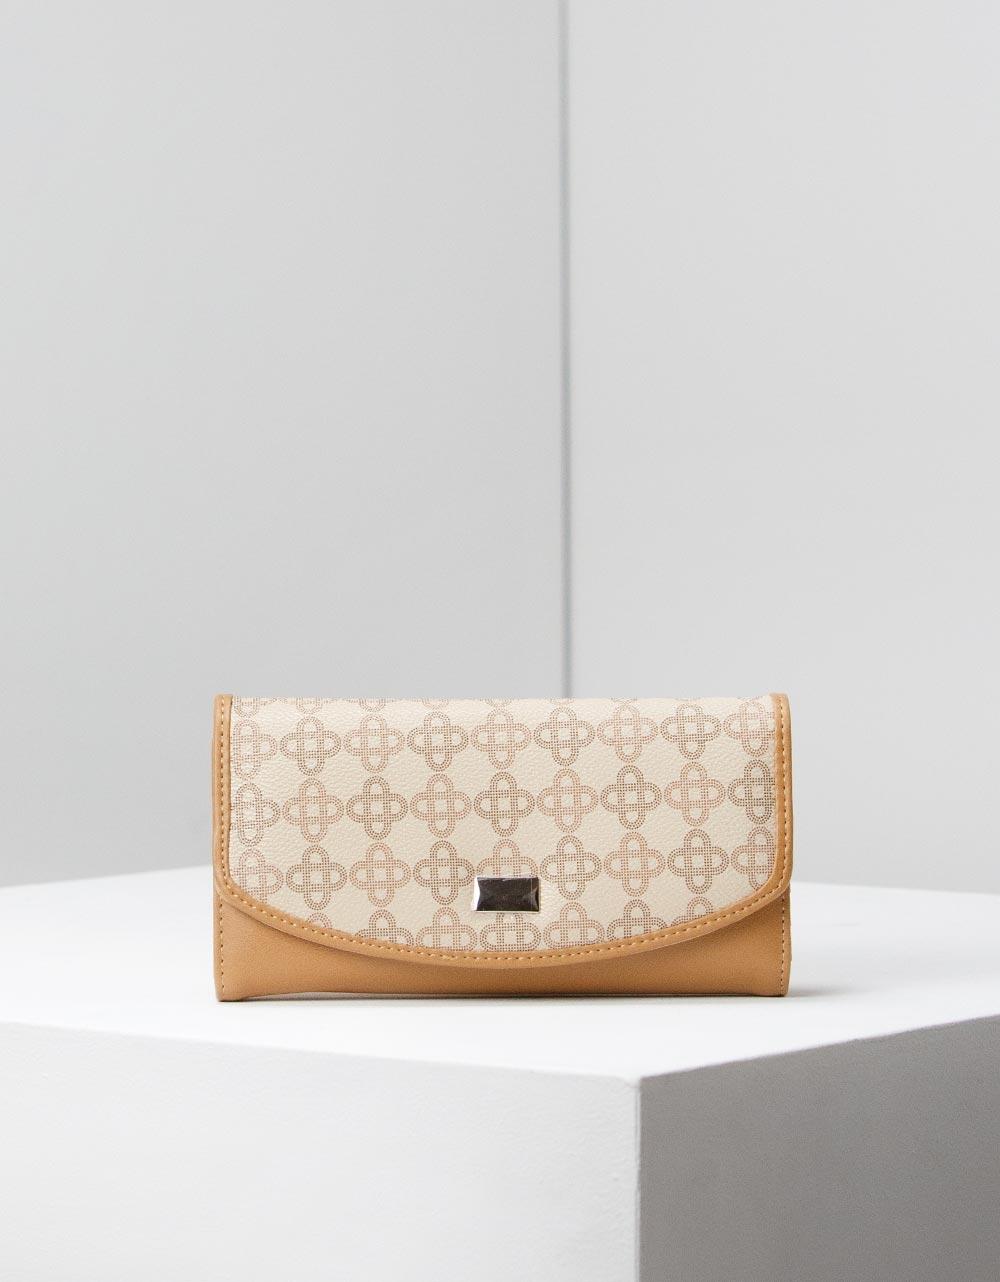 Εικόνα από Γυναικεία πορτοφόλια με ανάγλυφο σχέδιο Κάμελ